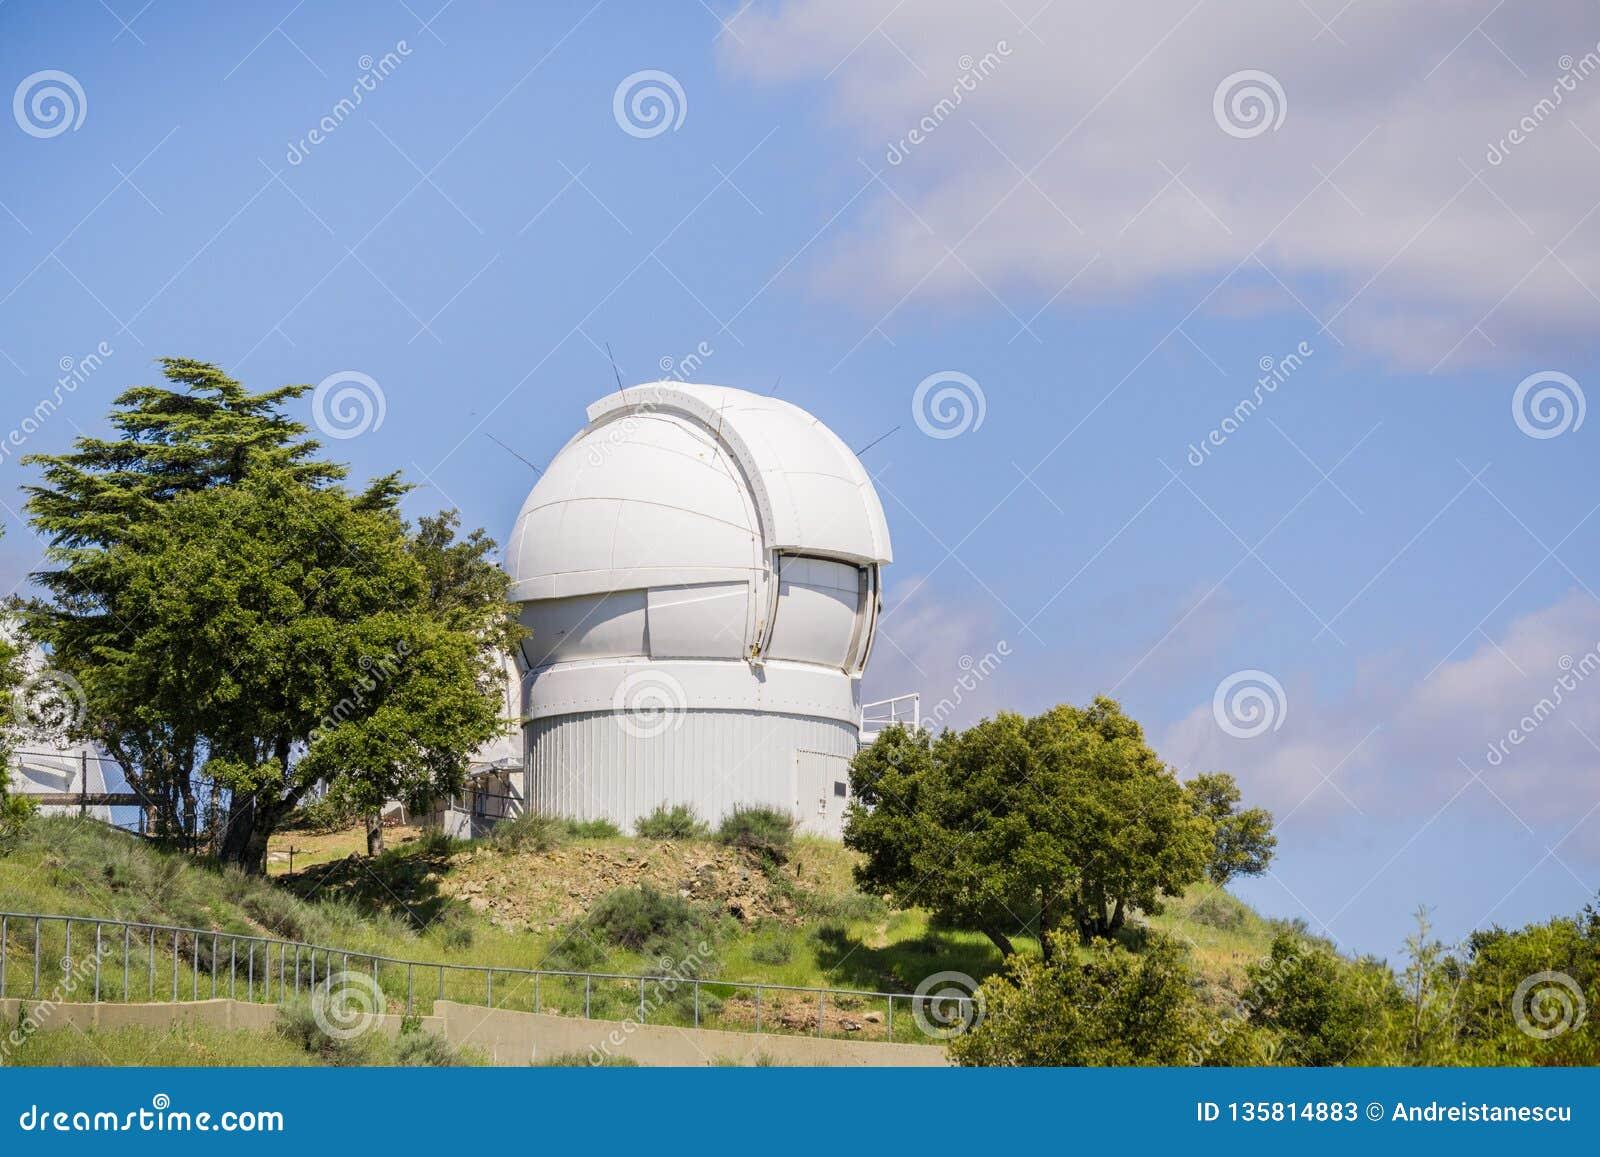 7 maggio 2017 San José /CA/USA - il telescopio automatizzato del cercatore del pianeta (APF) sopra il Mt Hamilton, San José, area